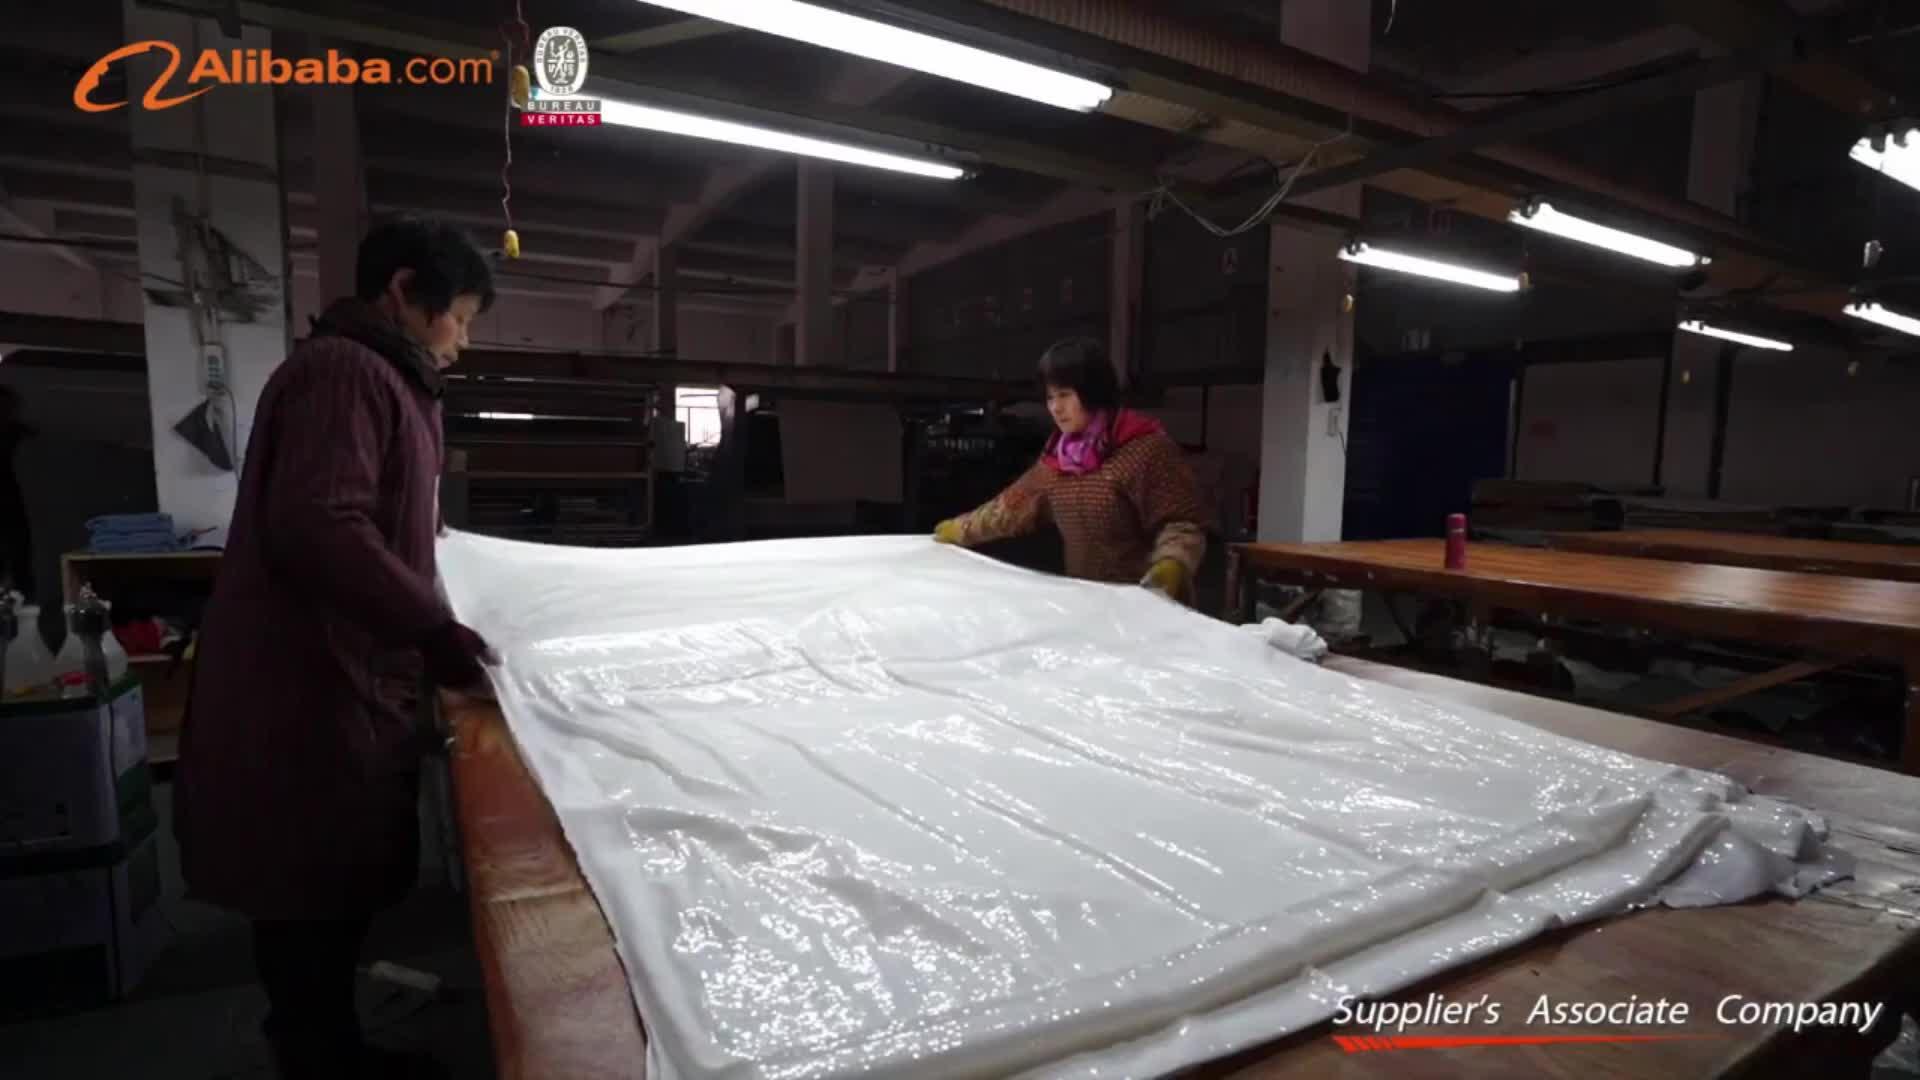 โรงงานราคาหนาตรวจสอบธรรมดาและชุดรูปแบบ jacquard ผ้ายืด